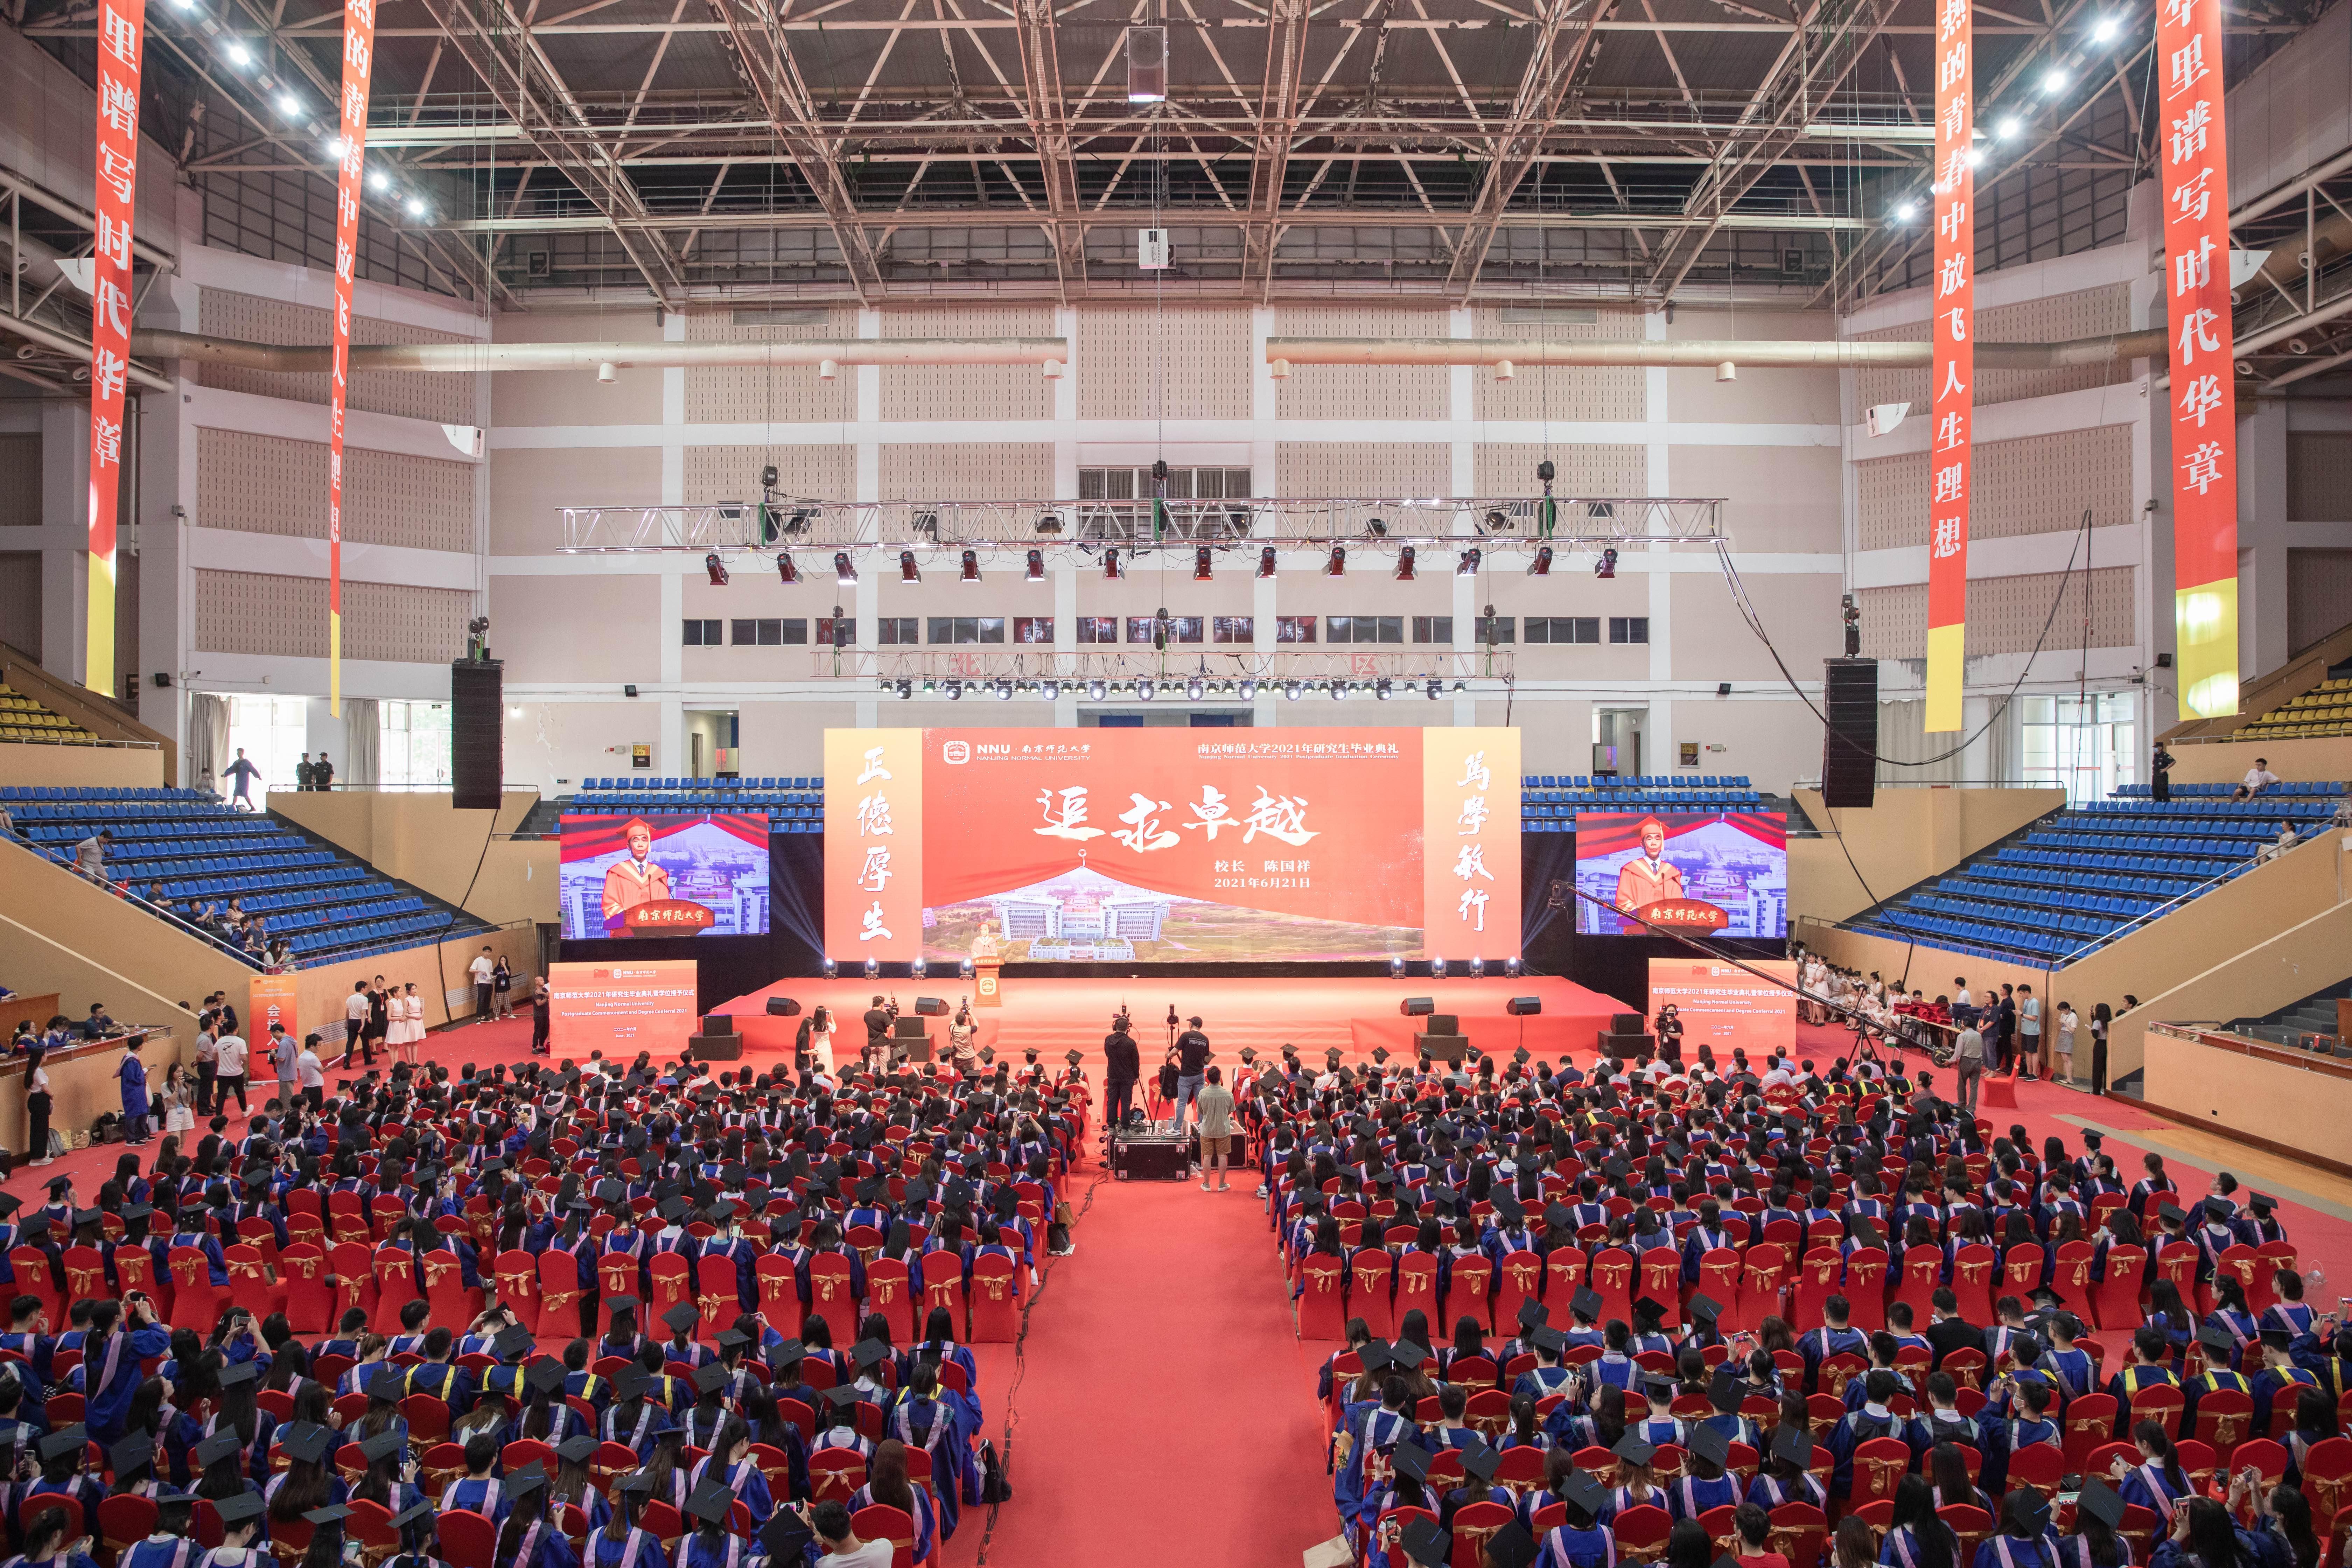 南京师范大学2021年研究生毕业典礼暨学位授予仪式举行